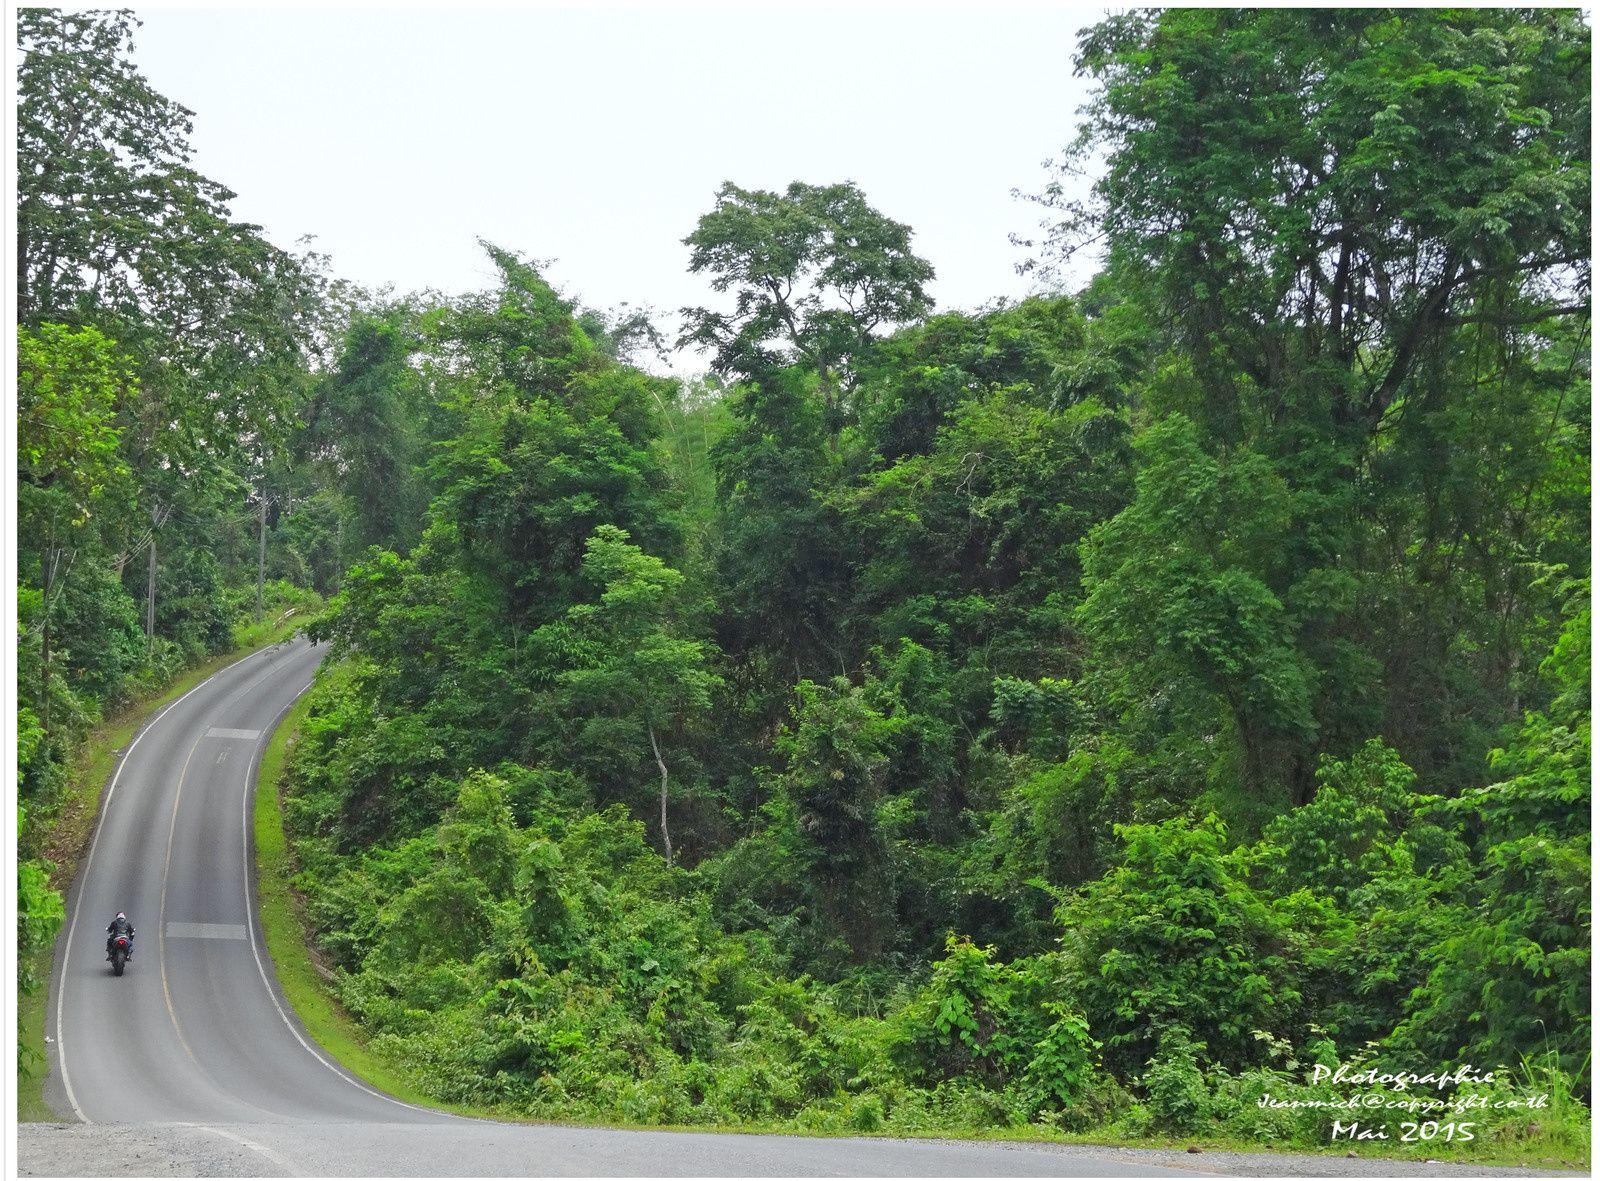 Le parc national de Khao Yai (en thaï: อุทยานแห่งชาติเขาใหญ่)